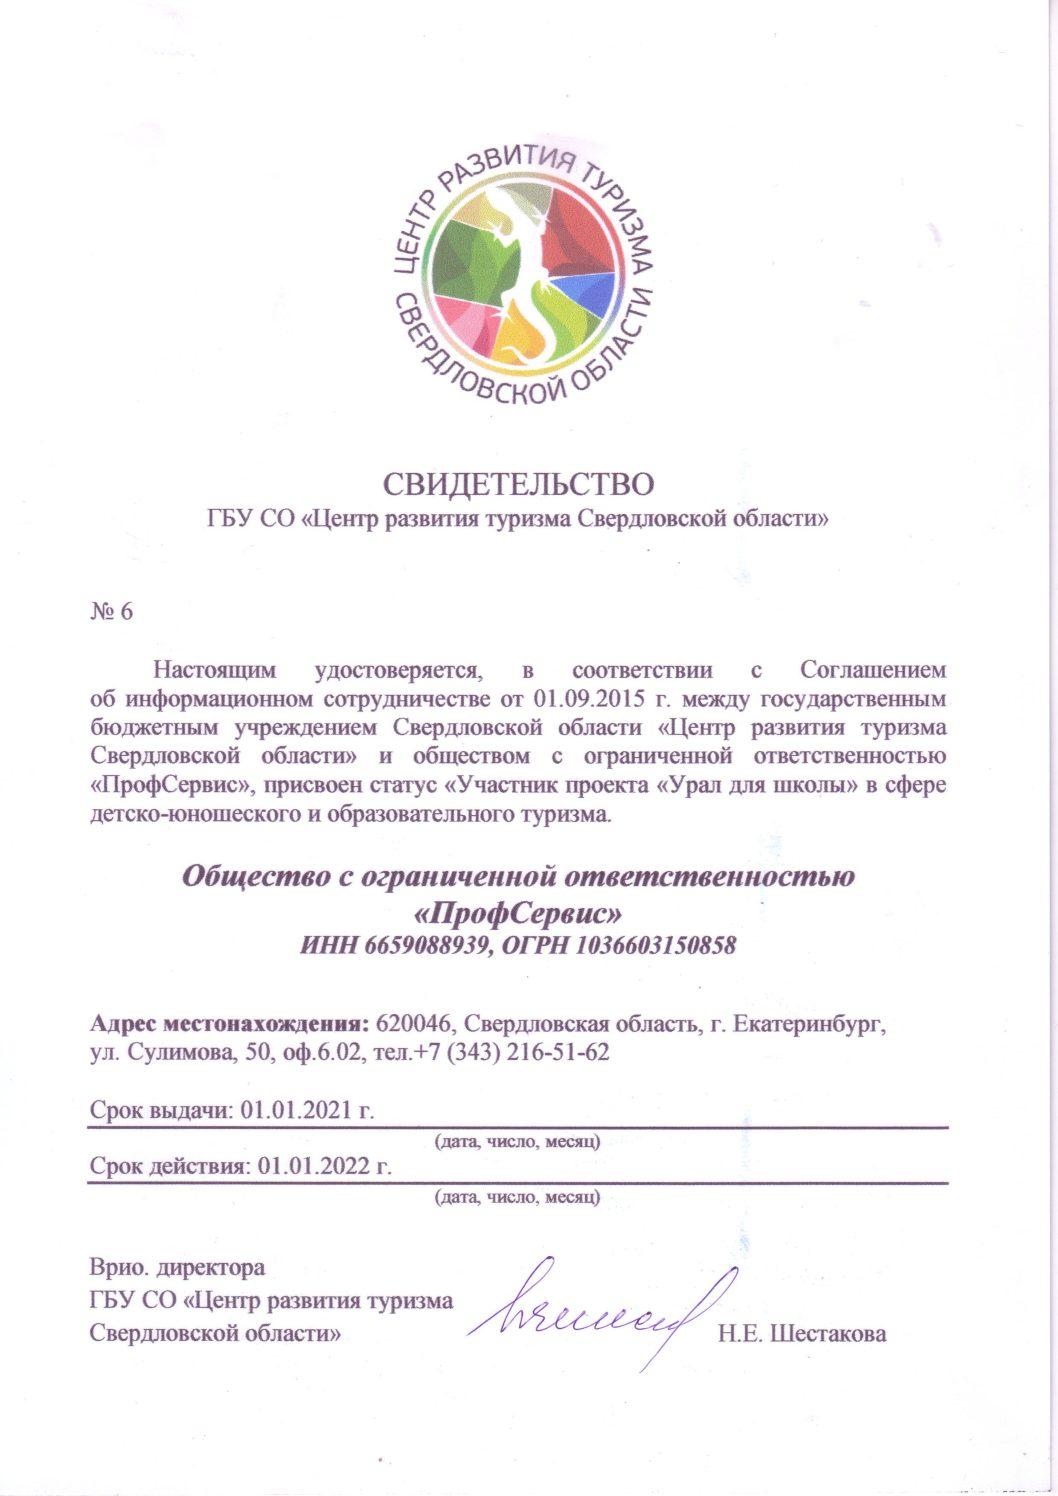 """Участие в программе """"Урал для школы"""""""